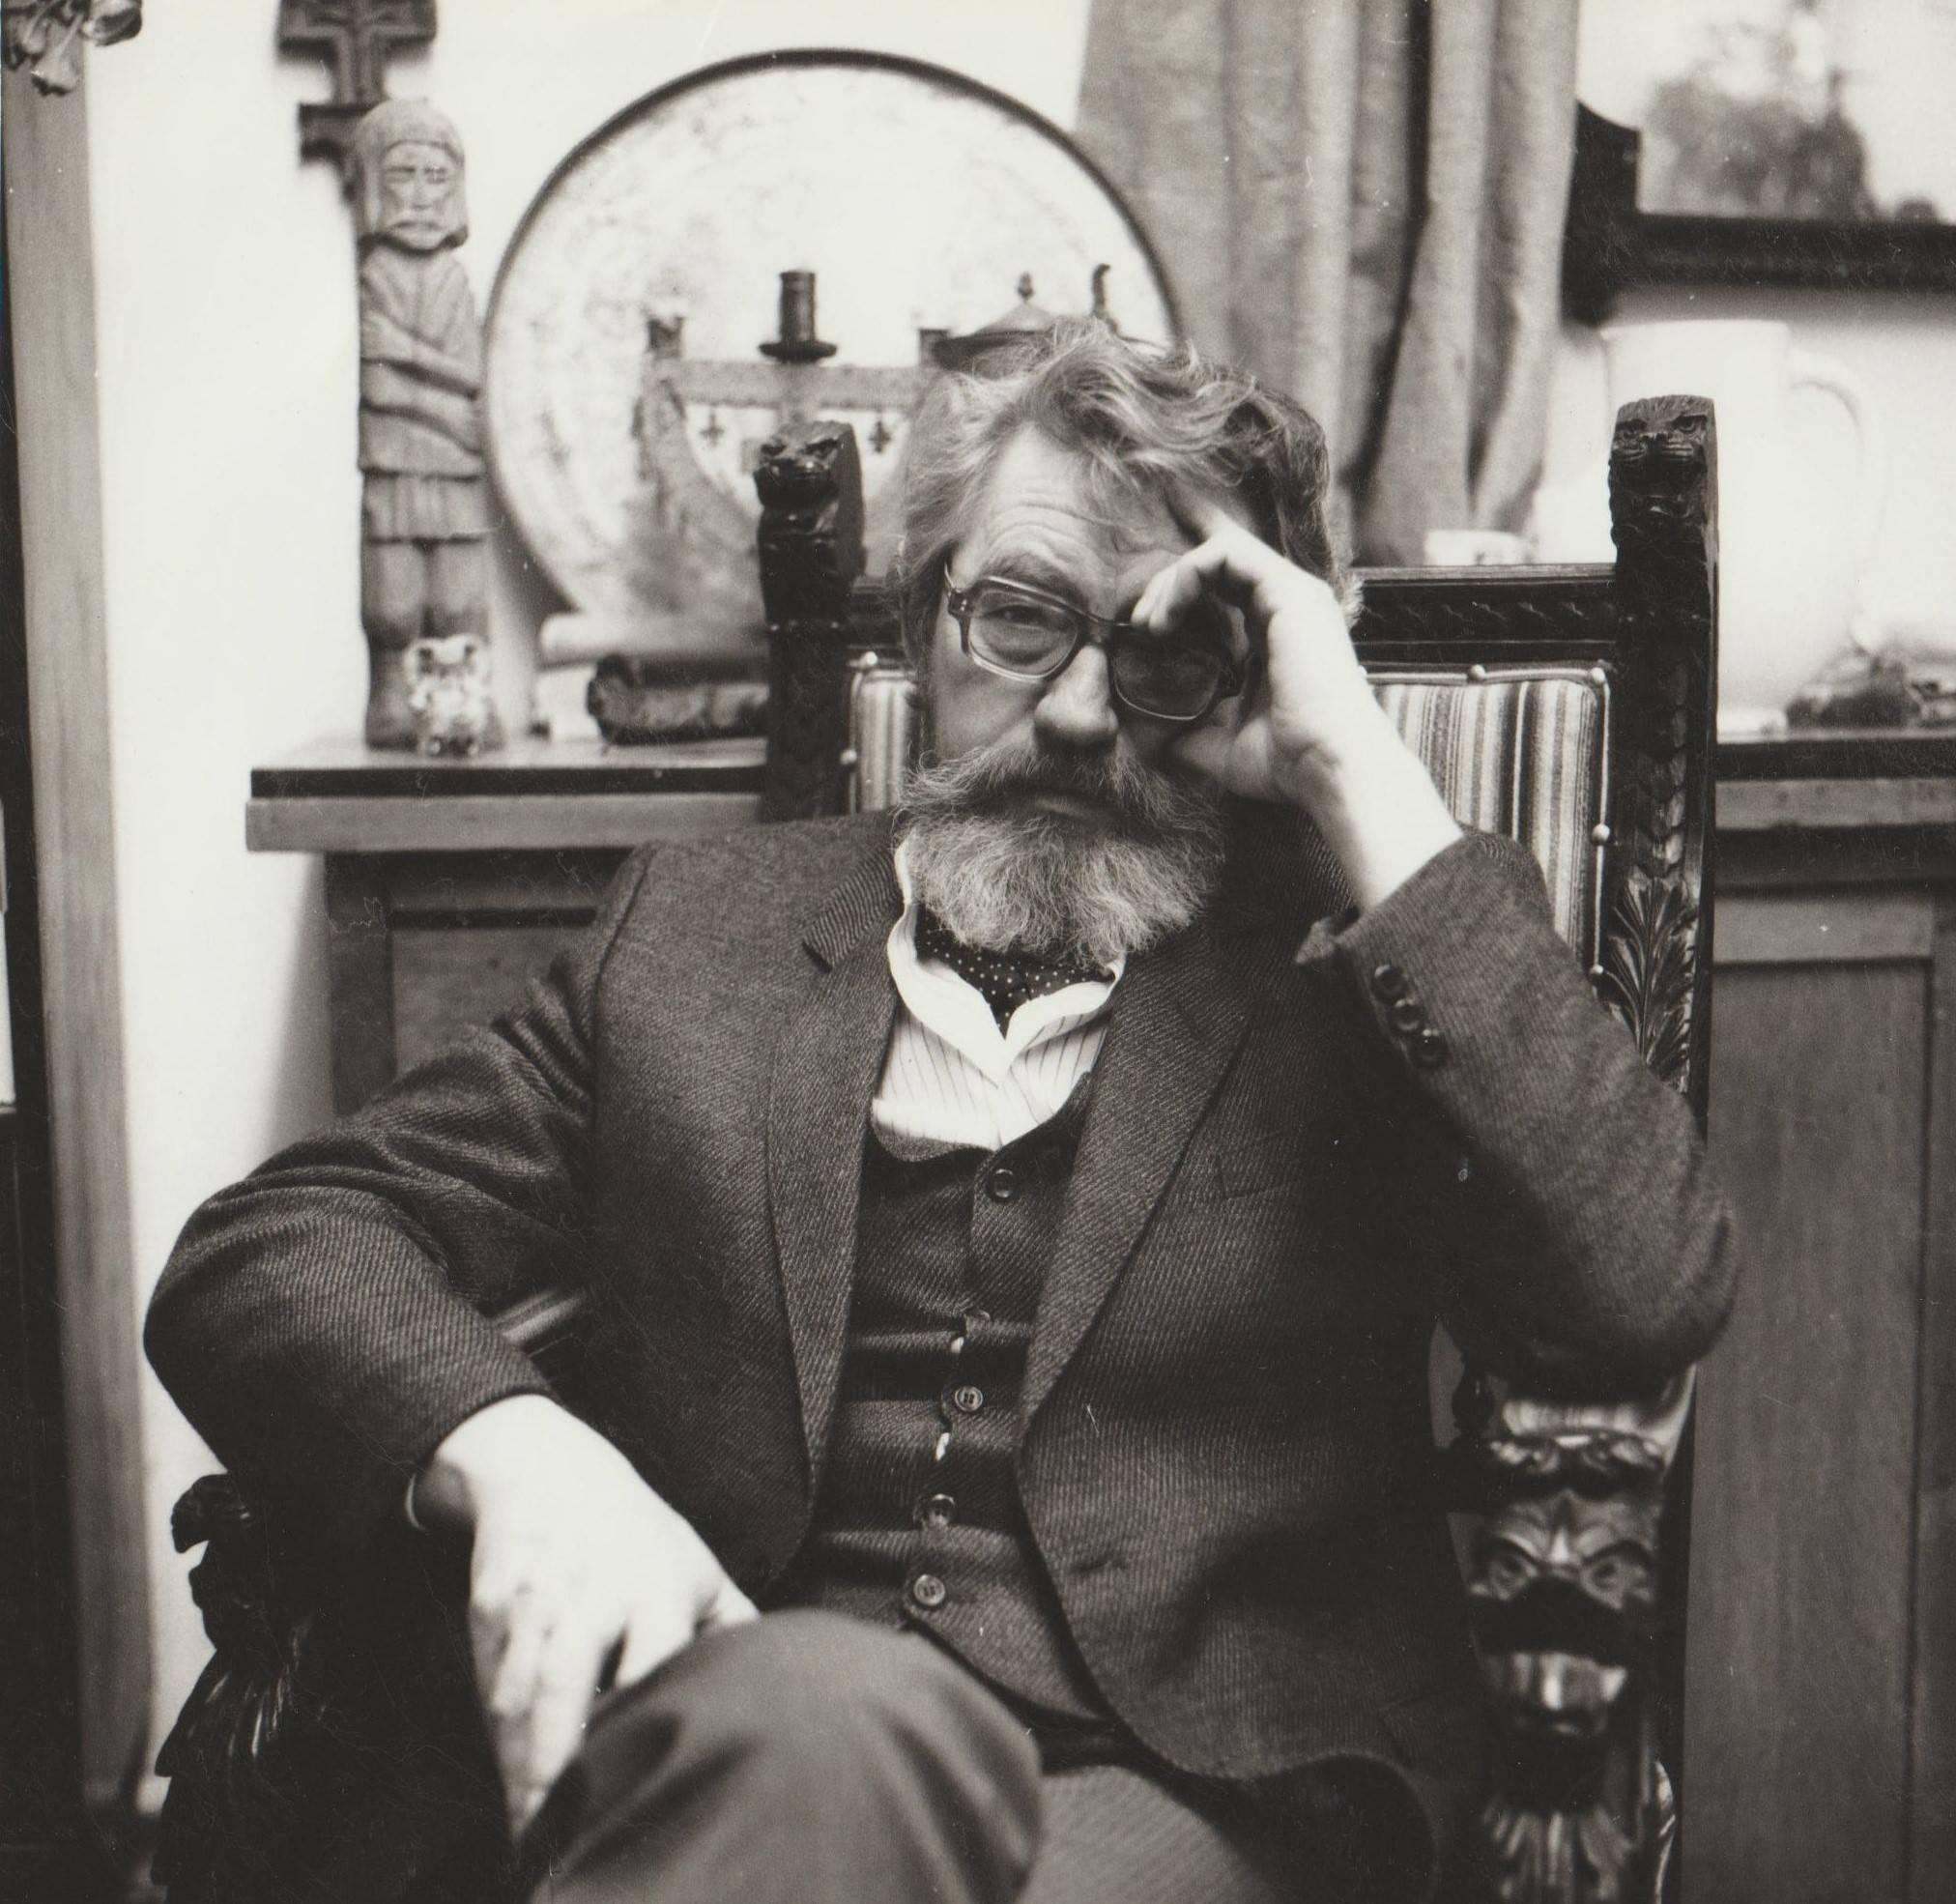 Георгій Якутович. 1980-ті р. Фото з архіву В. Юрчишина